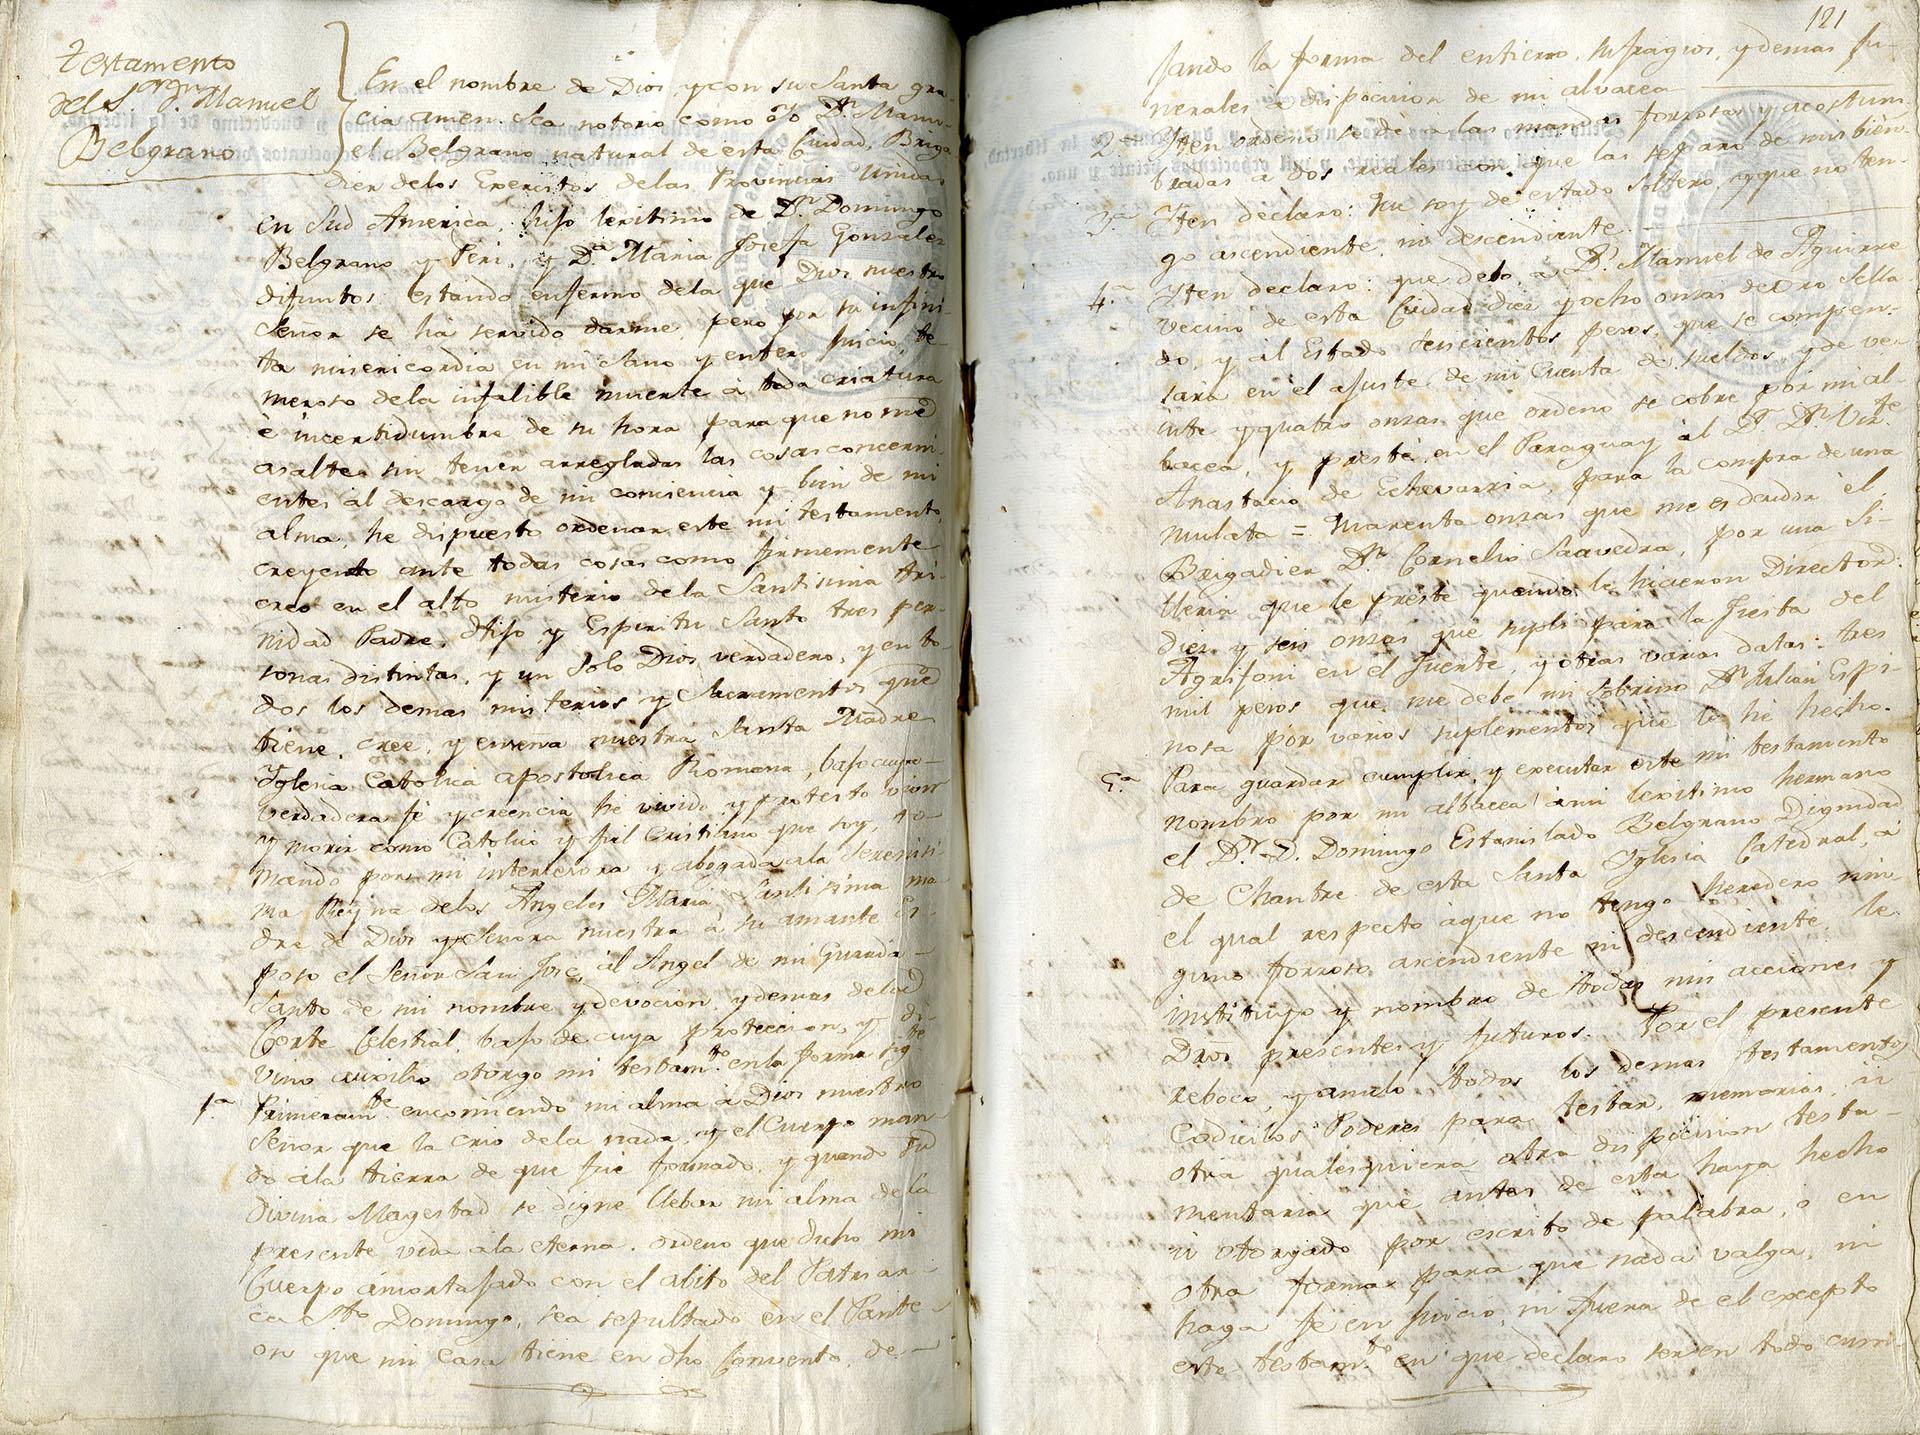 El testamento de Manuel Belgrano (Archivo General de la Nación)